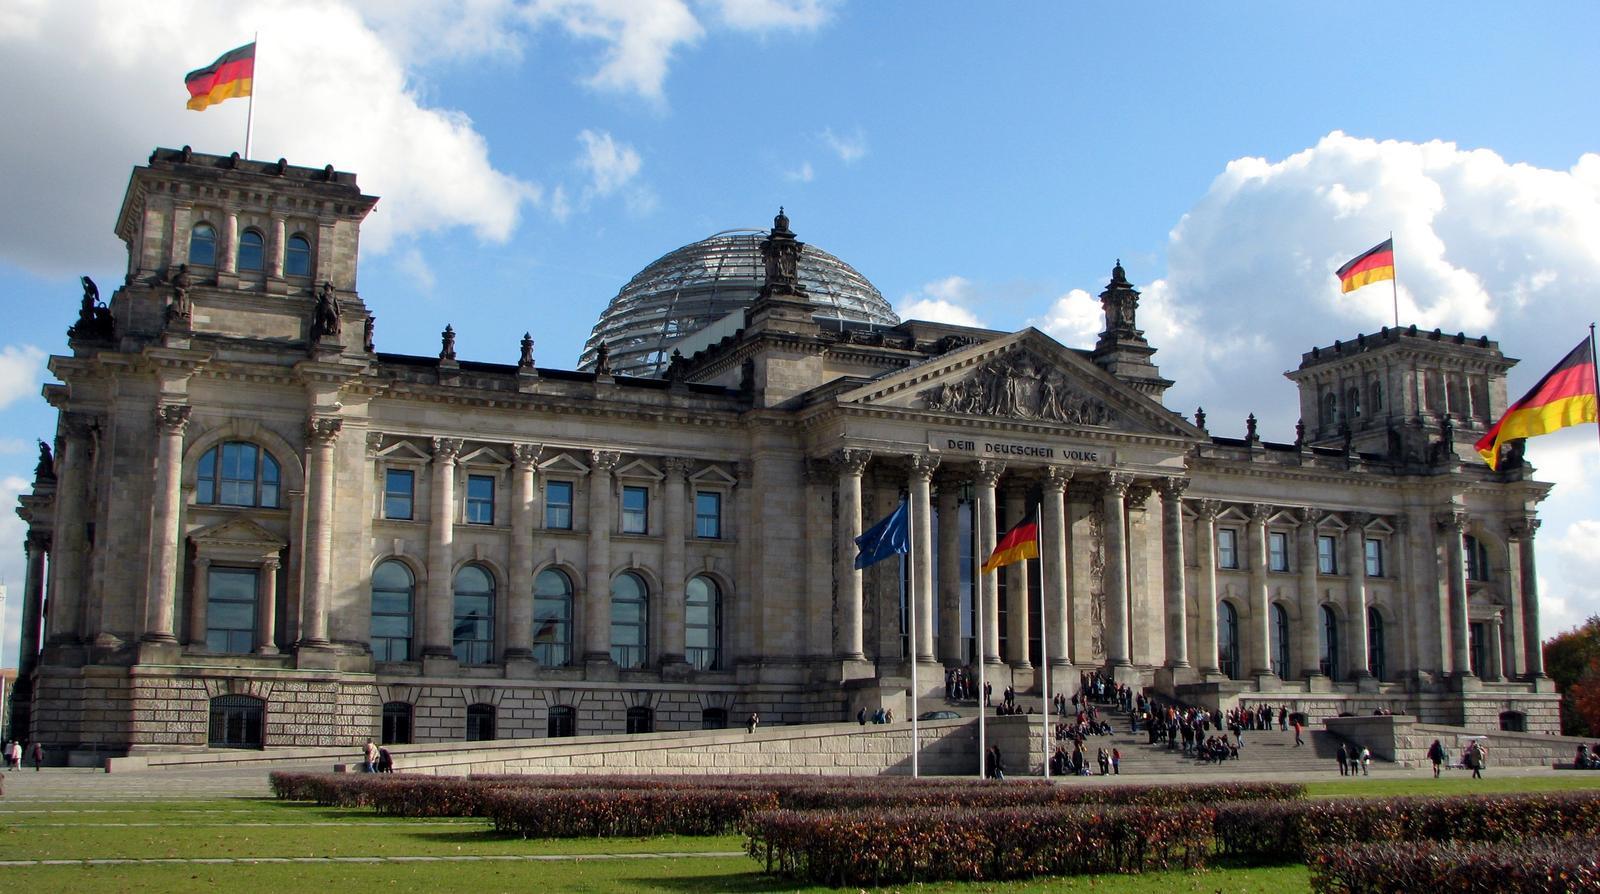 reichstag Visit the Reichstag in Berlin